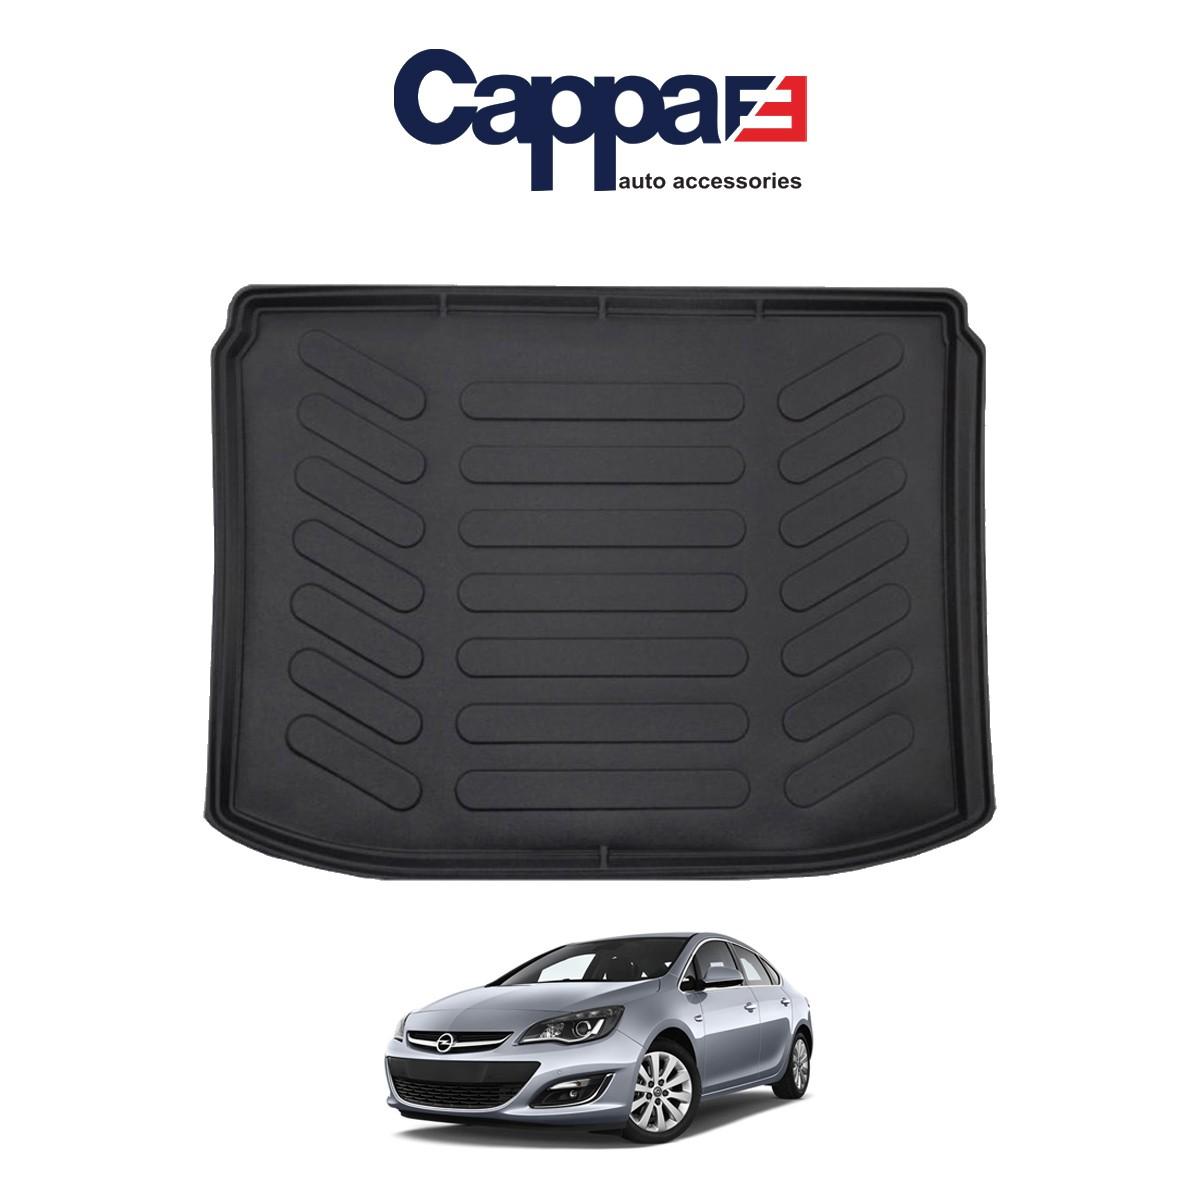 Opel Astra J Sedan 1.4 Bagaj Havuzu 2019 ve Üstü